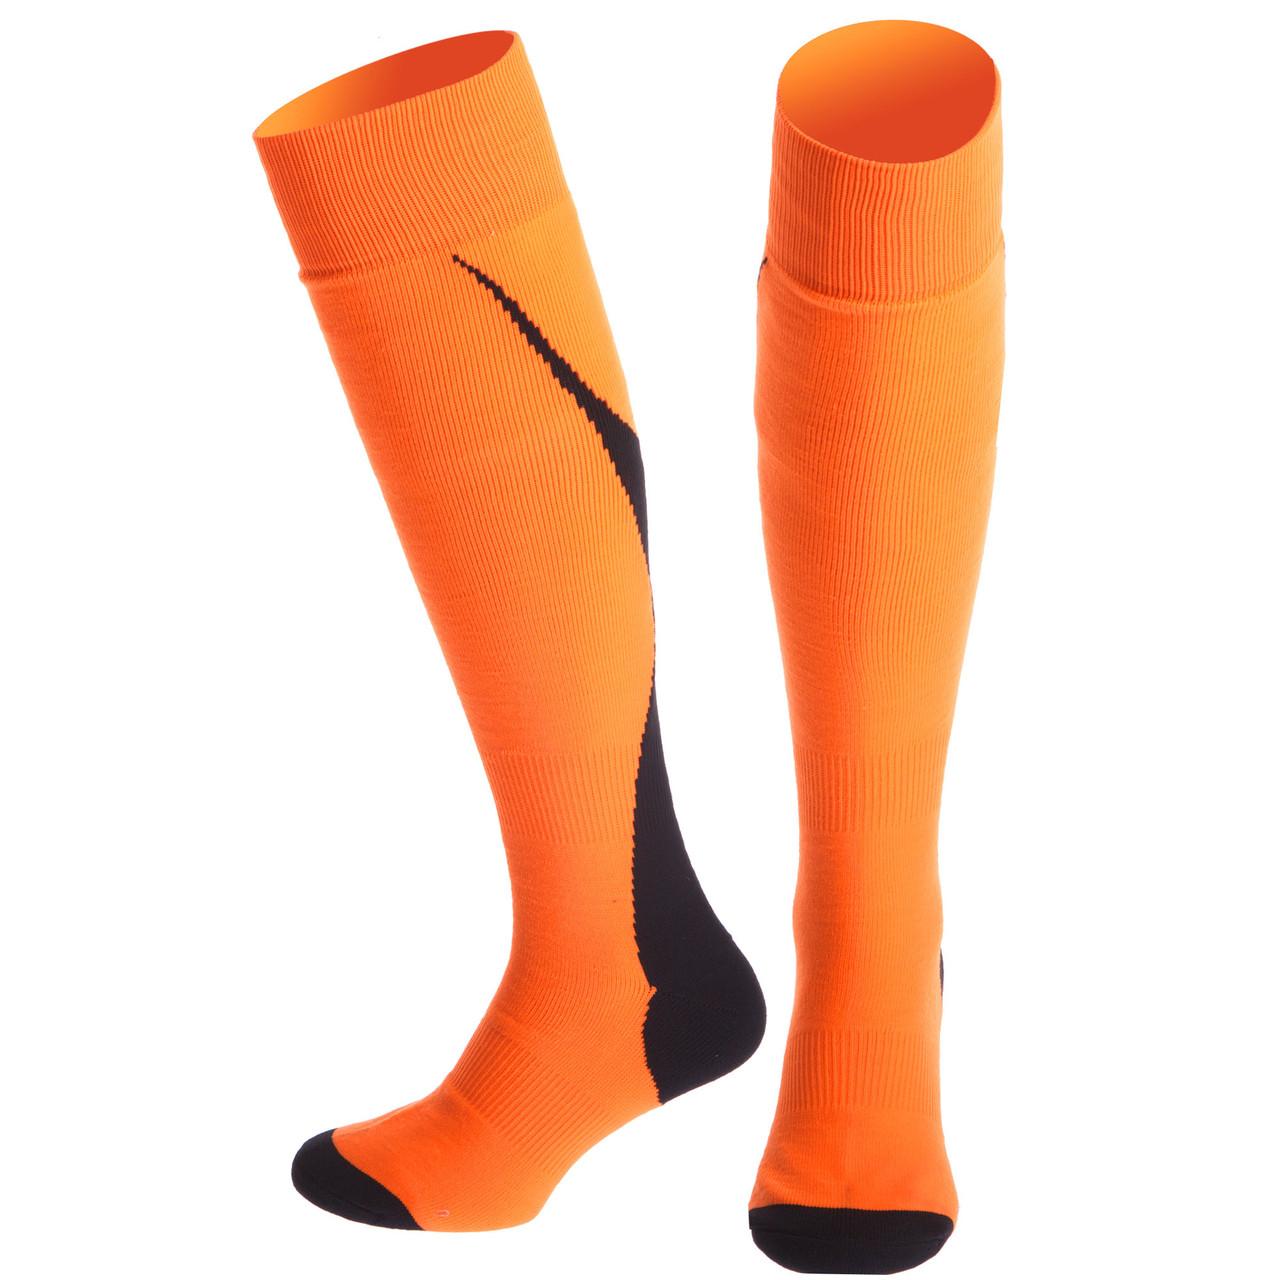 Гетры футбольные мужские KS-04L (полиэстер, размер 40-45)